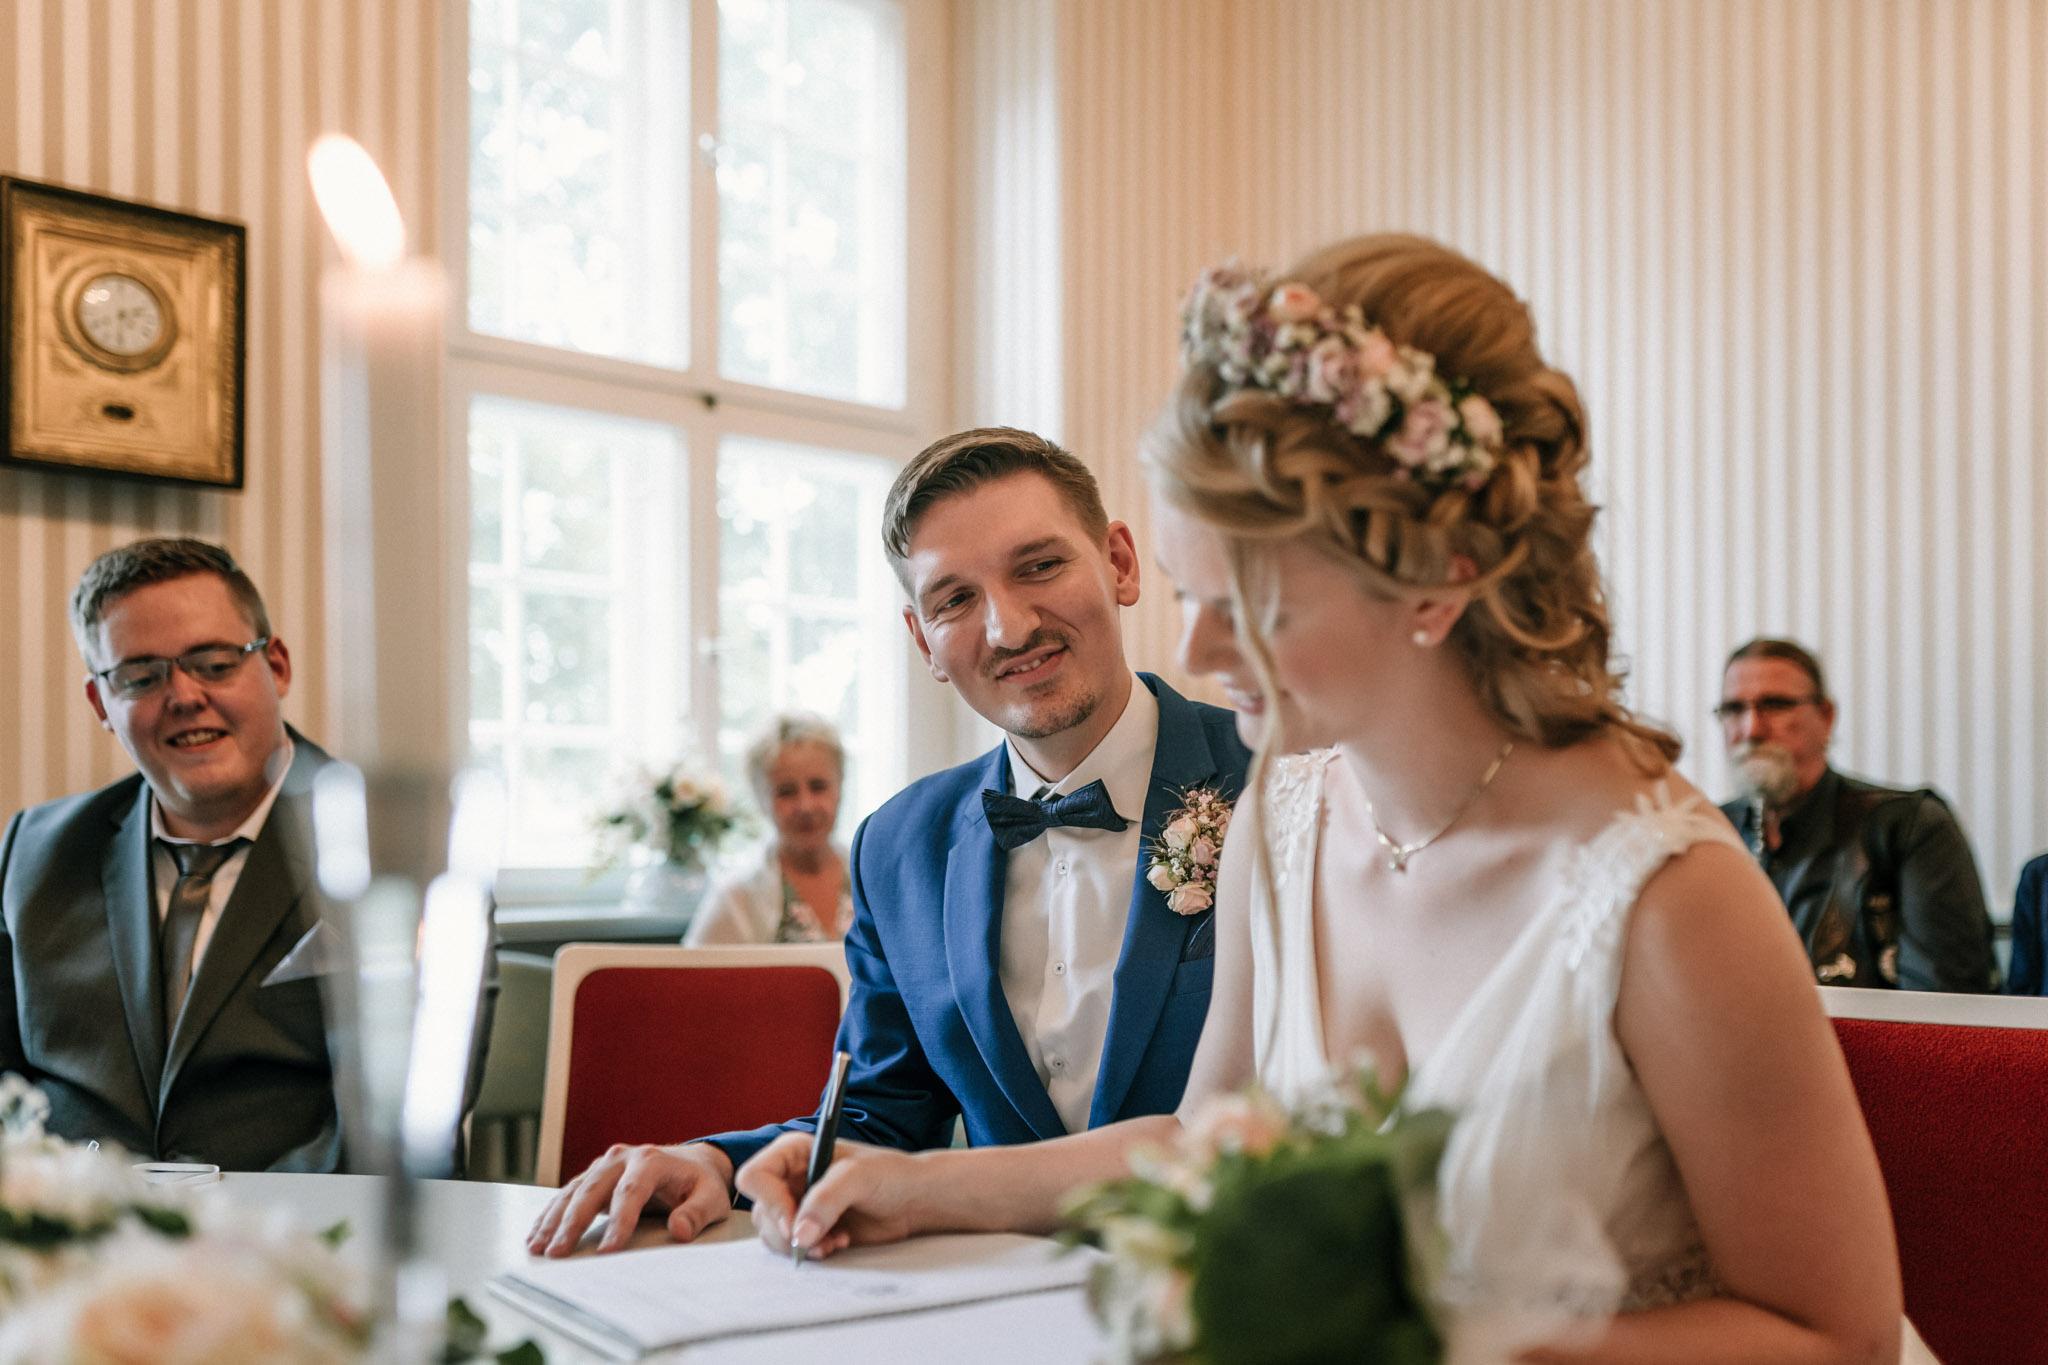 Hochzeitsfieber by Photo-Schomburg, Sven Schomburg Hochzeitsfotografie, Hochzeitsfotograf, Bad Bramstedt, Hamburg, Schleswig-Hostein-27